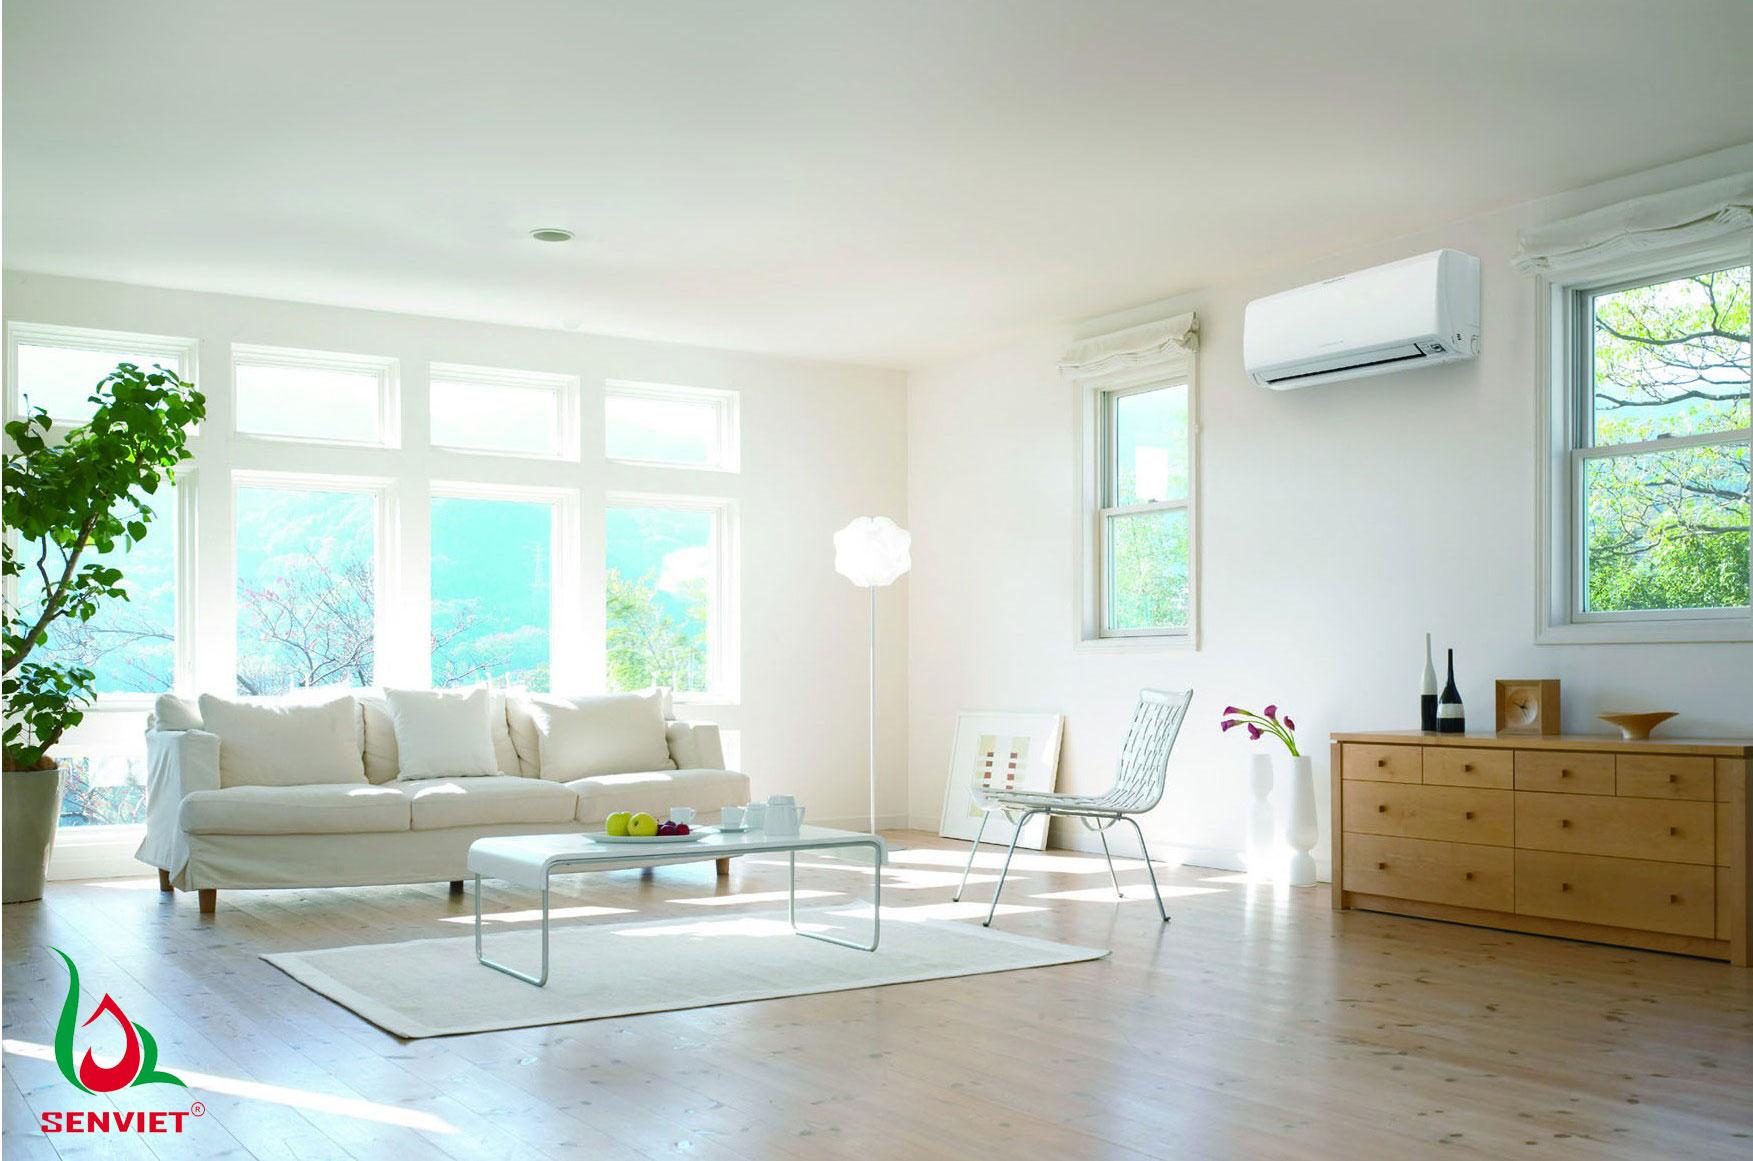 7 mẹo sử dụng điều hòa giúp tiết kiệm điện vượt trội